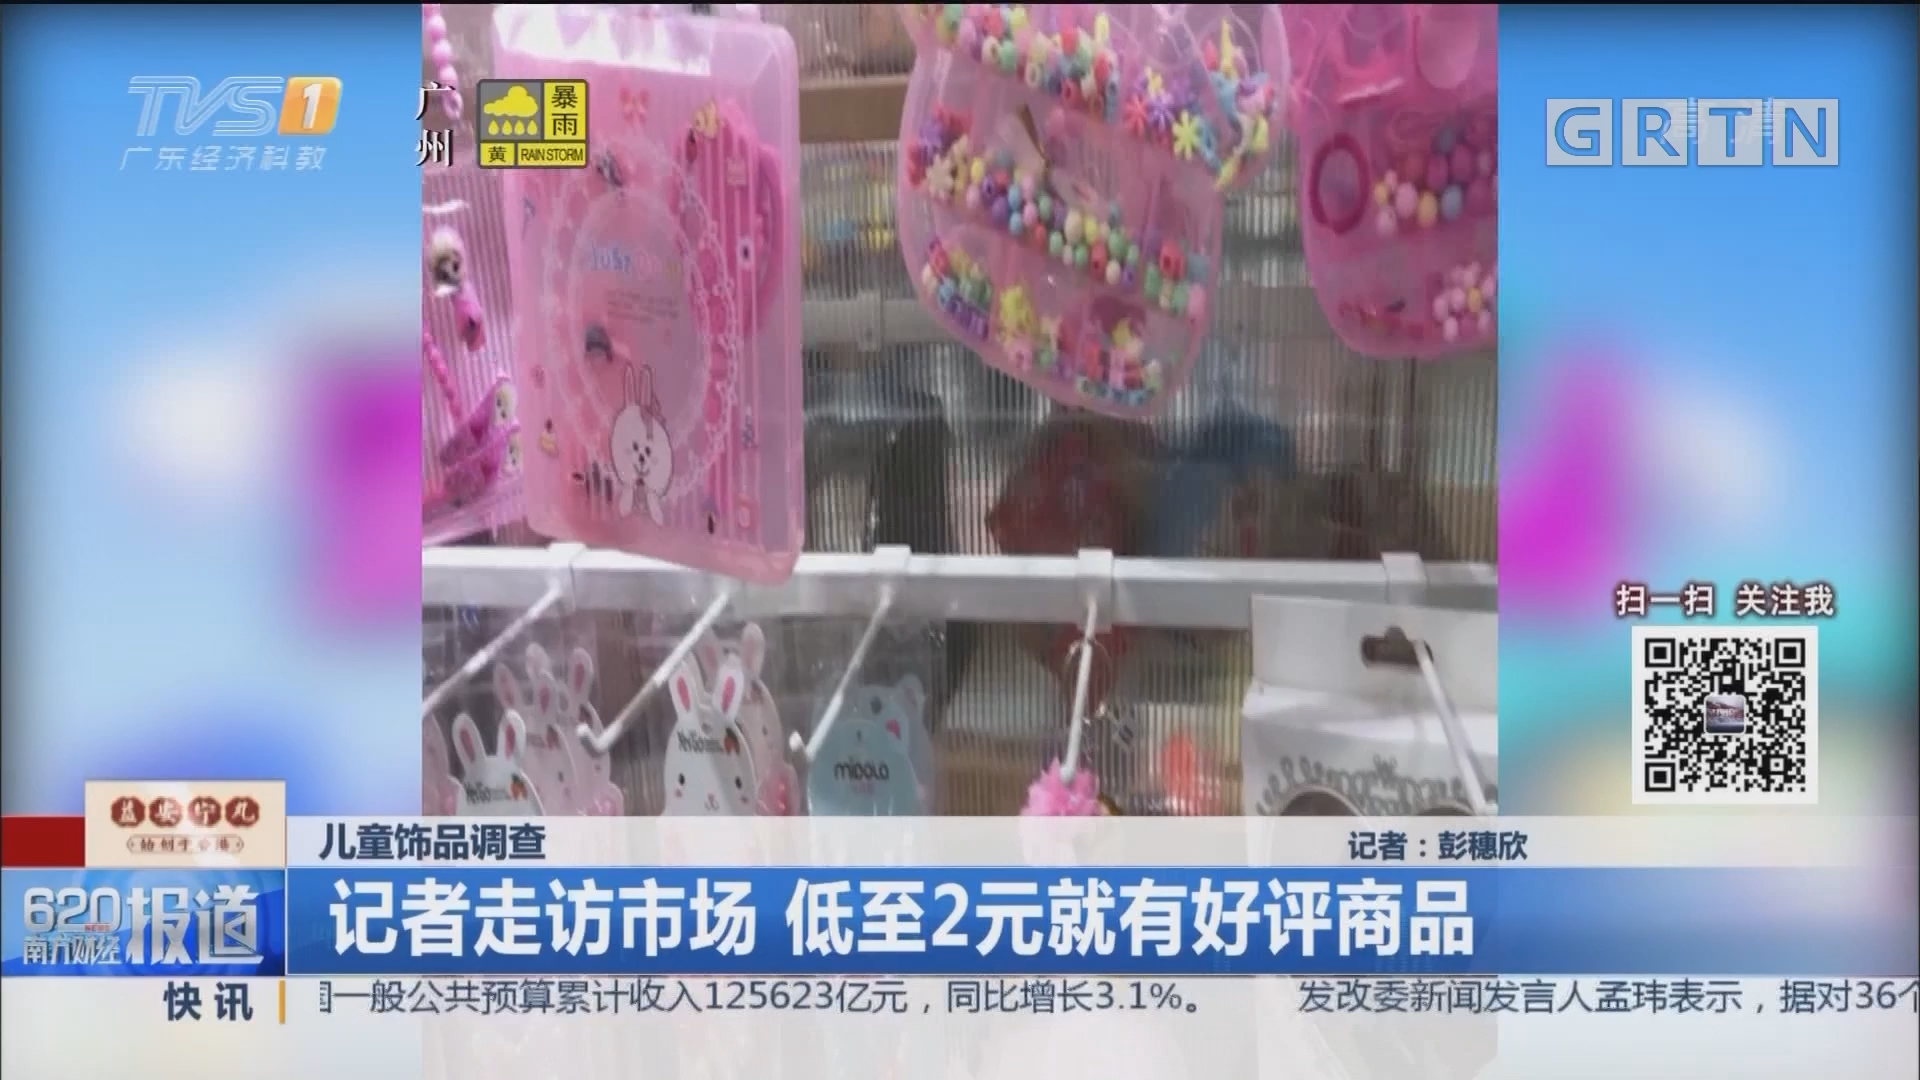 儿童饰品调查:记者走访市场 低至2元就有好评商品